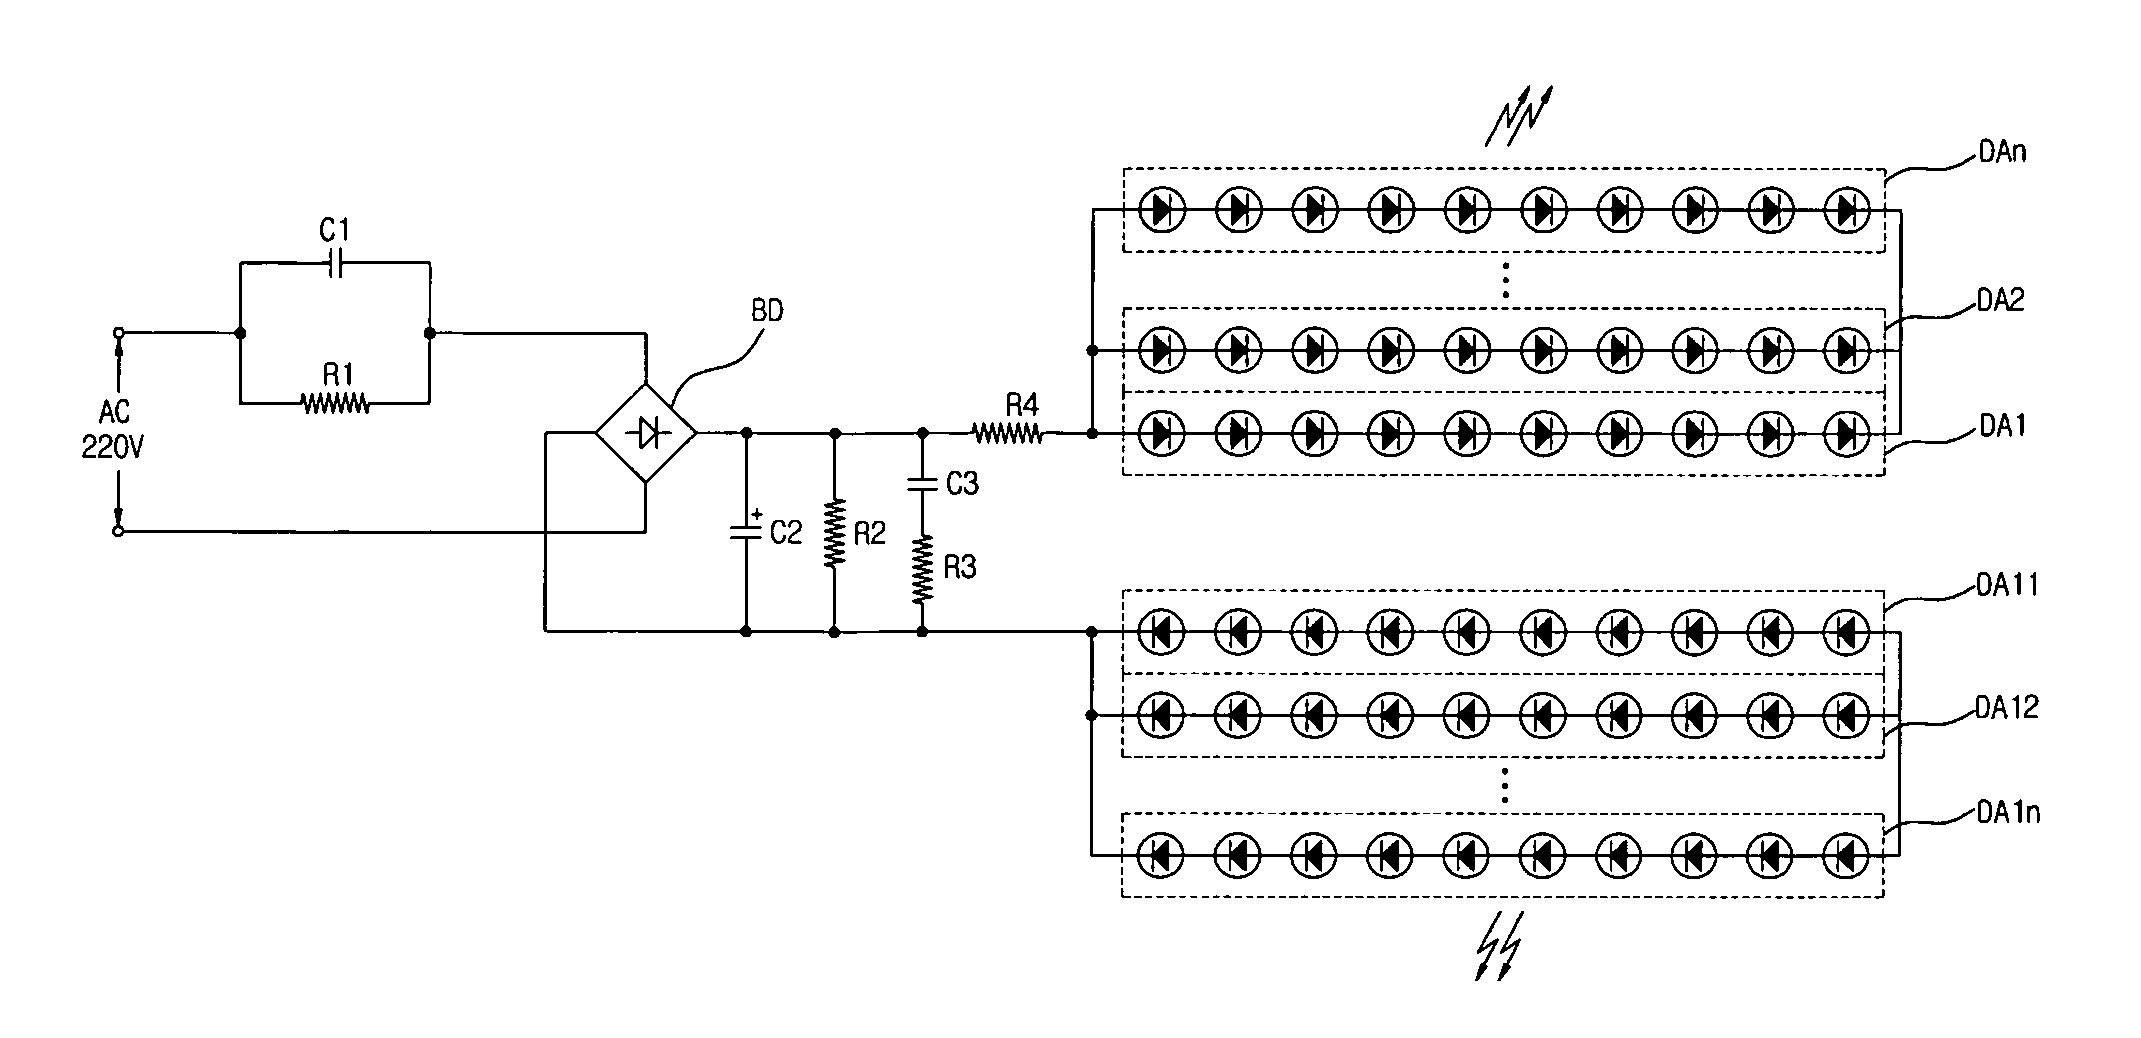 Wiring Diagram For Led Tubes Best Led Tube Light Wiring Diagram Luxury Wiring Diagram Led Tube Philips